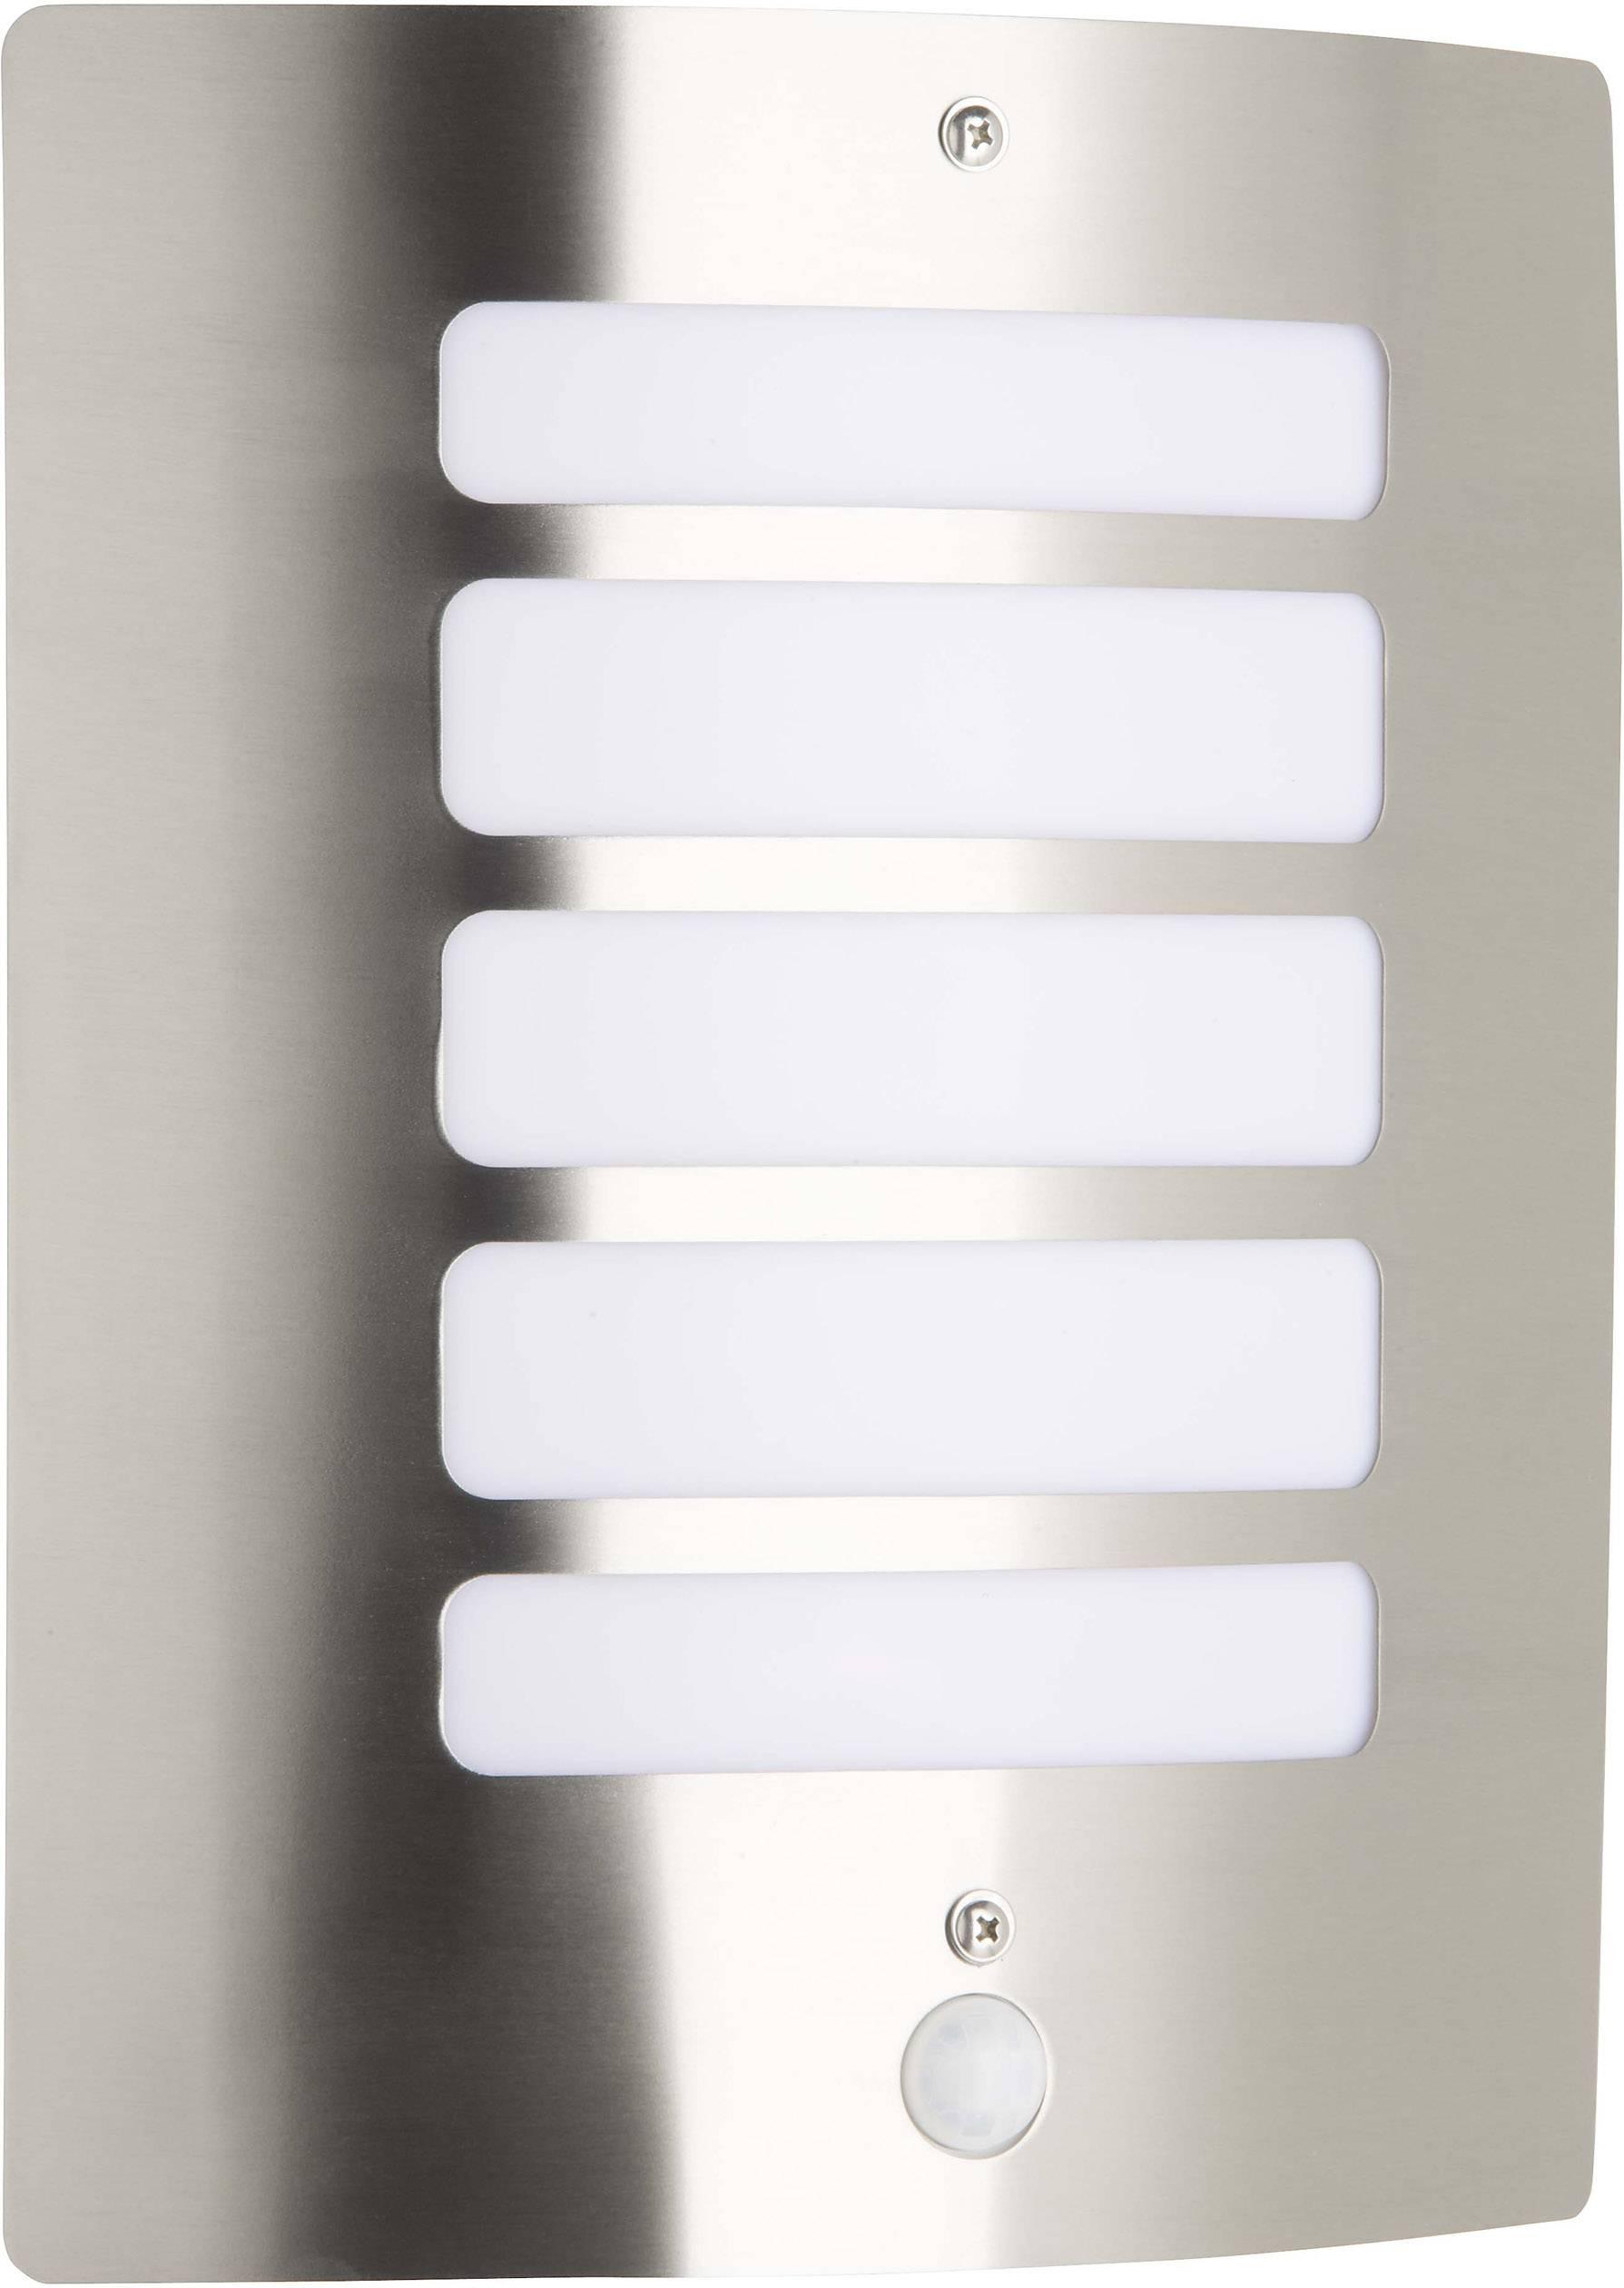 Venkovní nástěnné osvětlení s PIR detektorem Brilliant Todd 47698/82, E27, 60 W, kov, plast, nerezová ocel